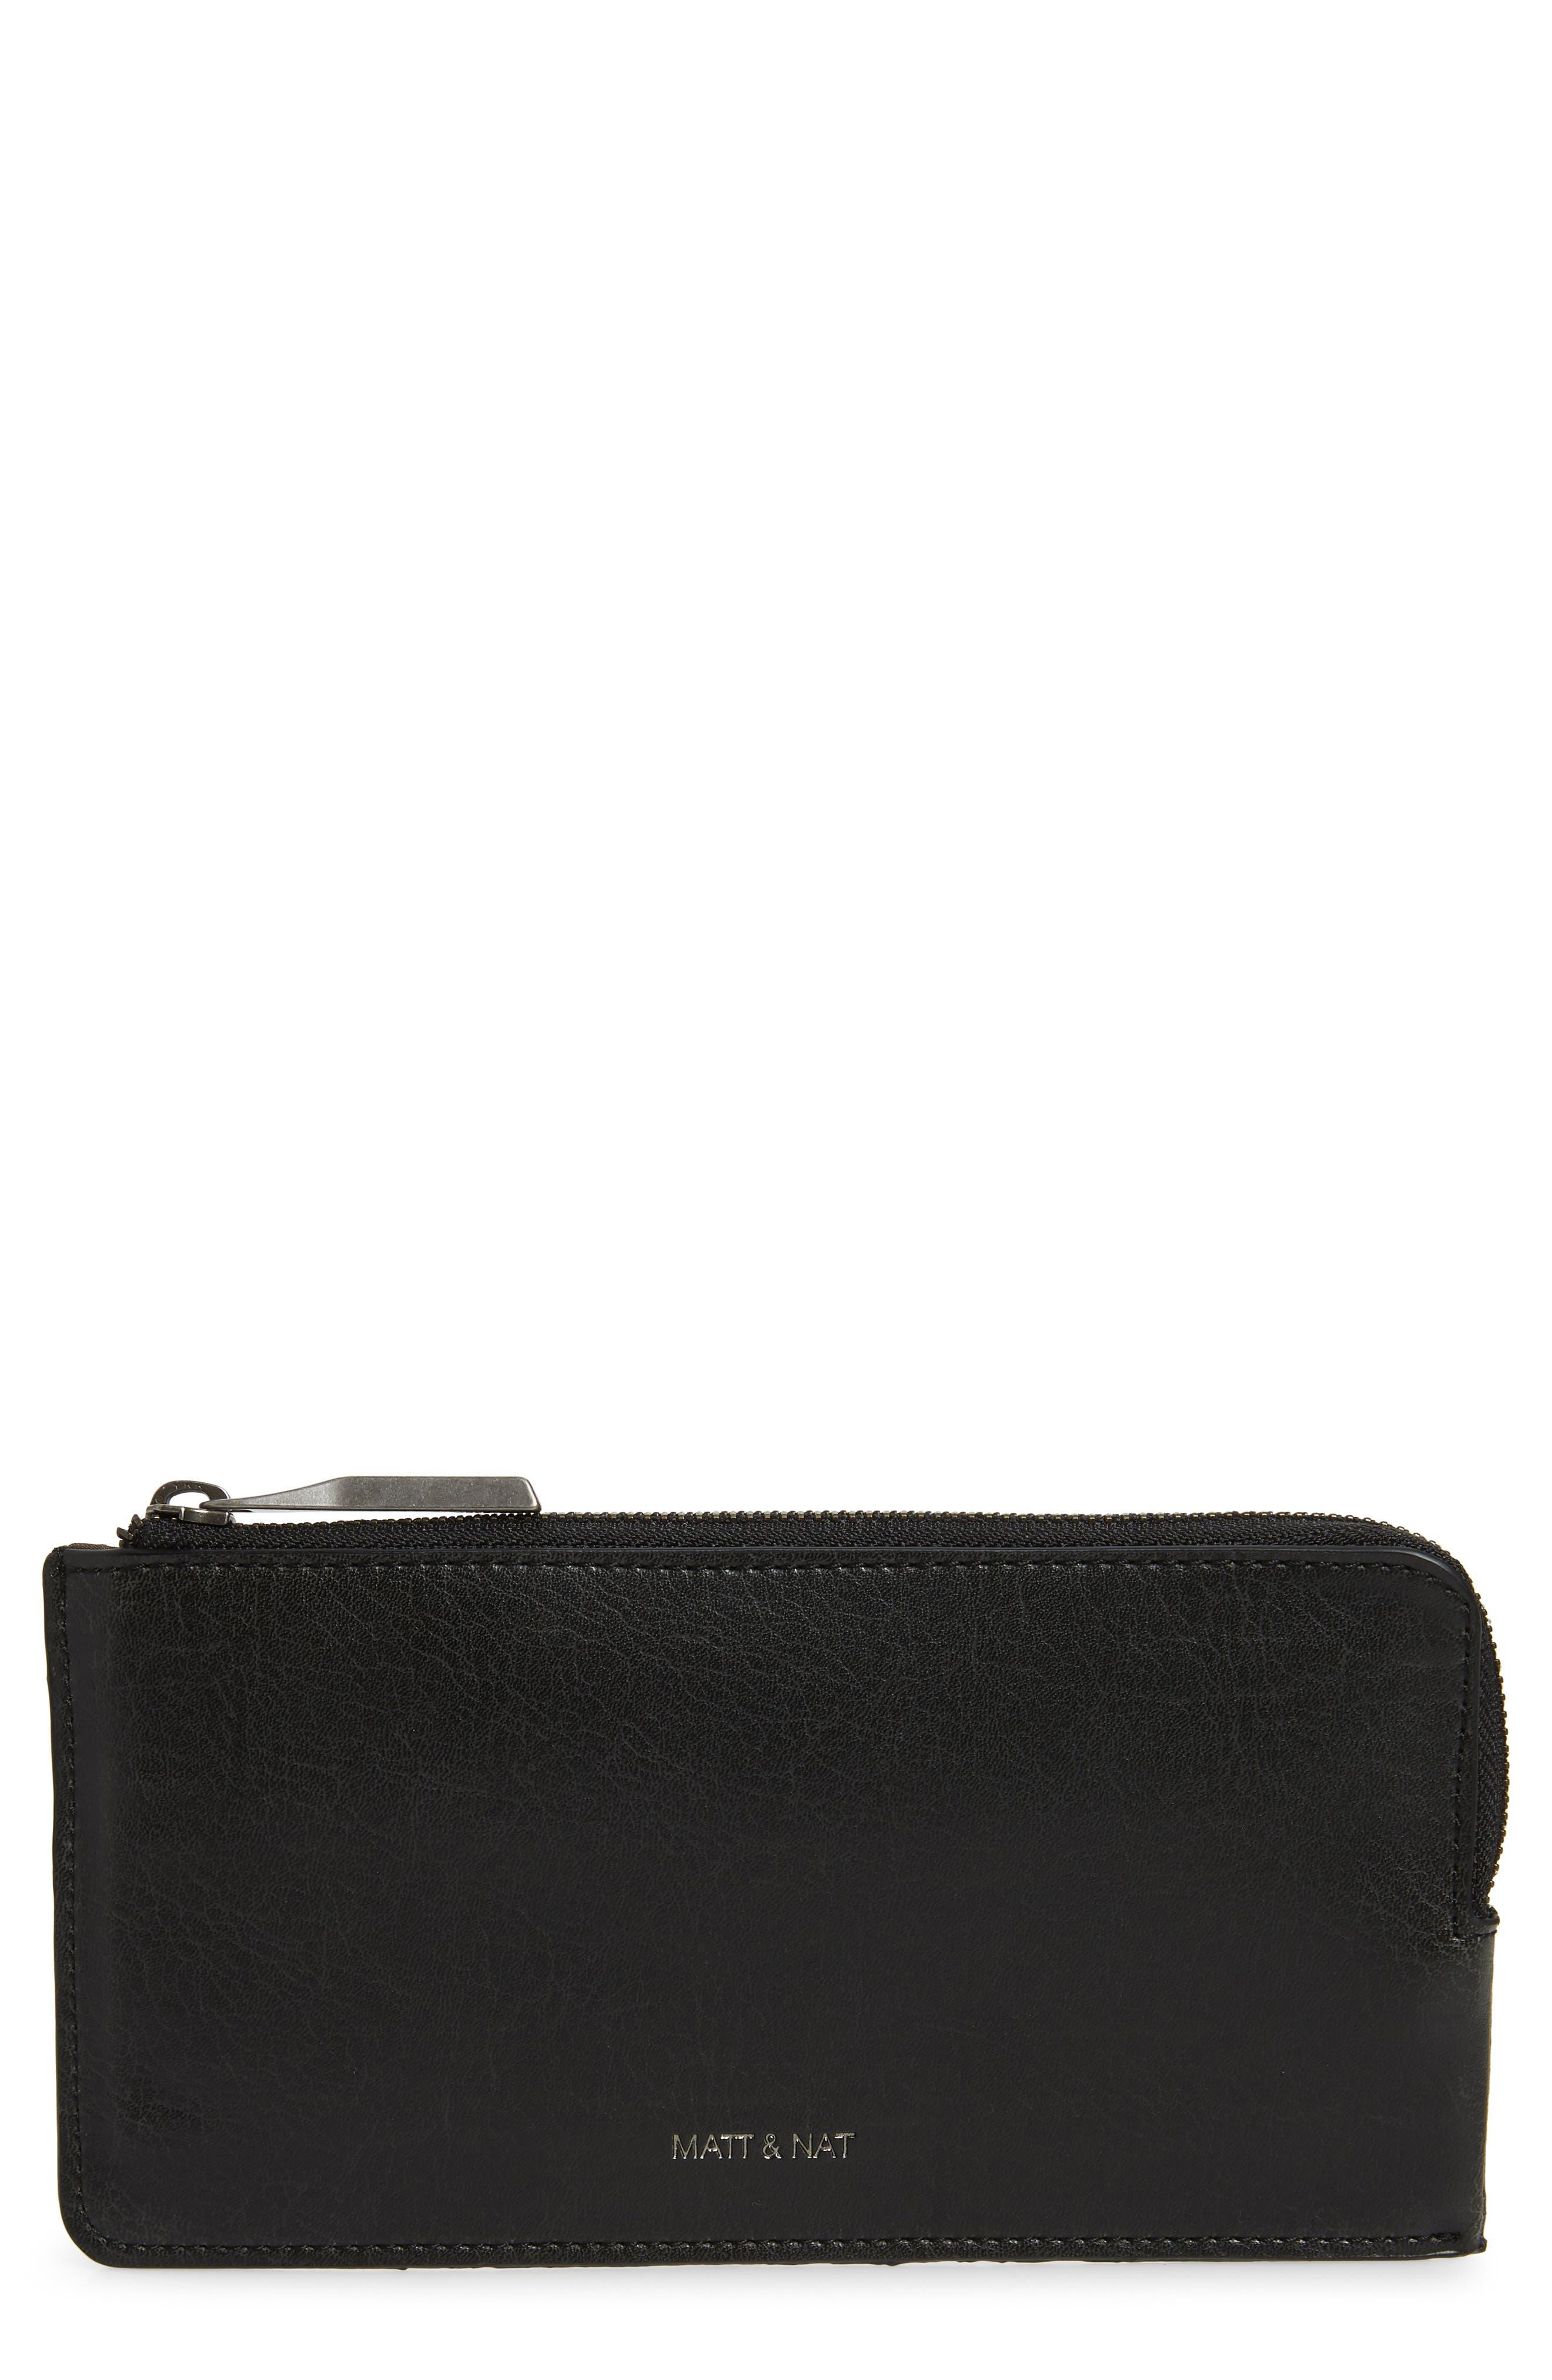 Matt & Nat Seva Faux Leather Pouch Wallet - Black